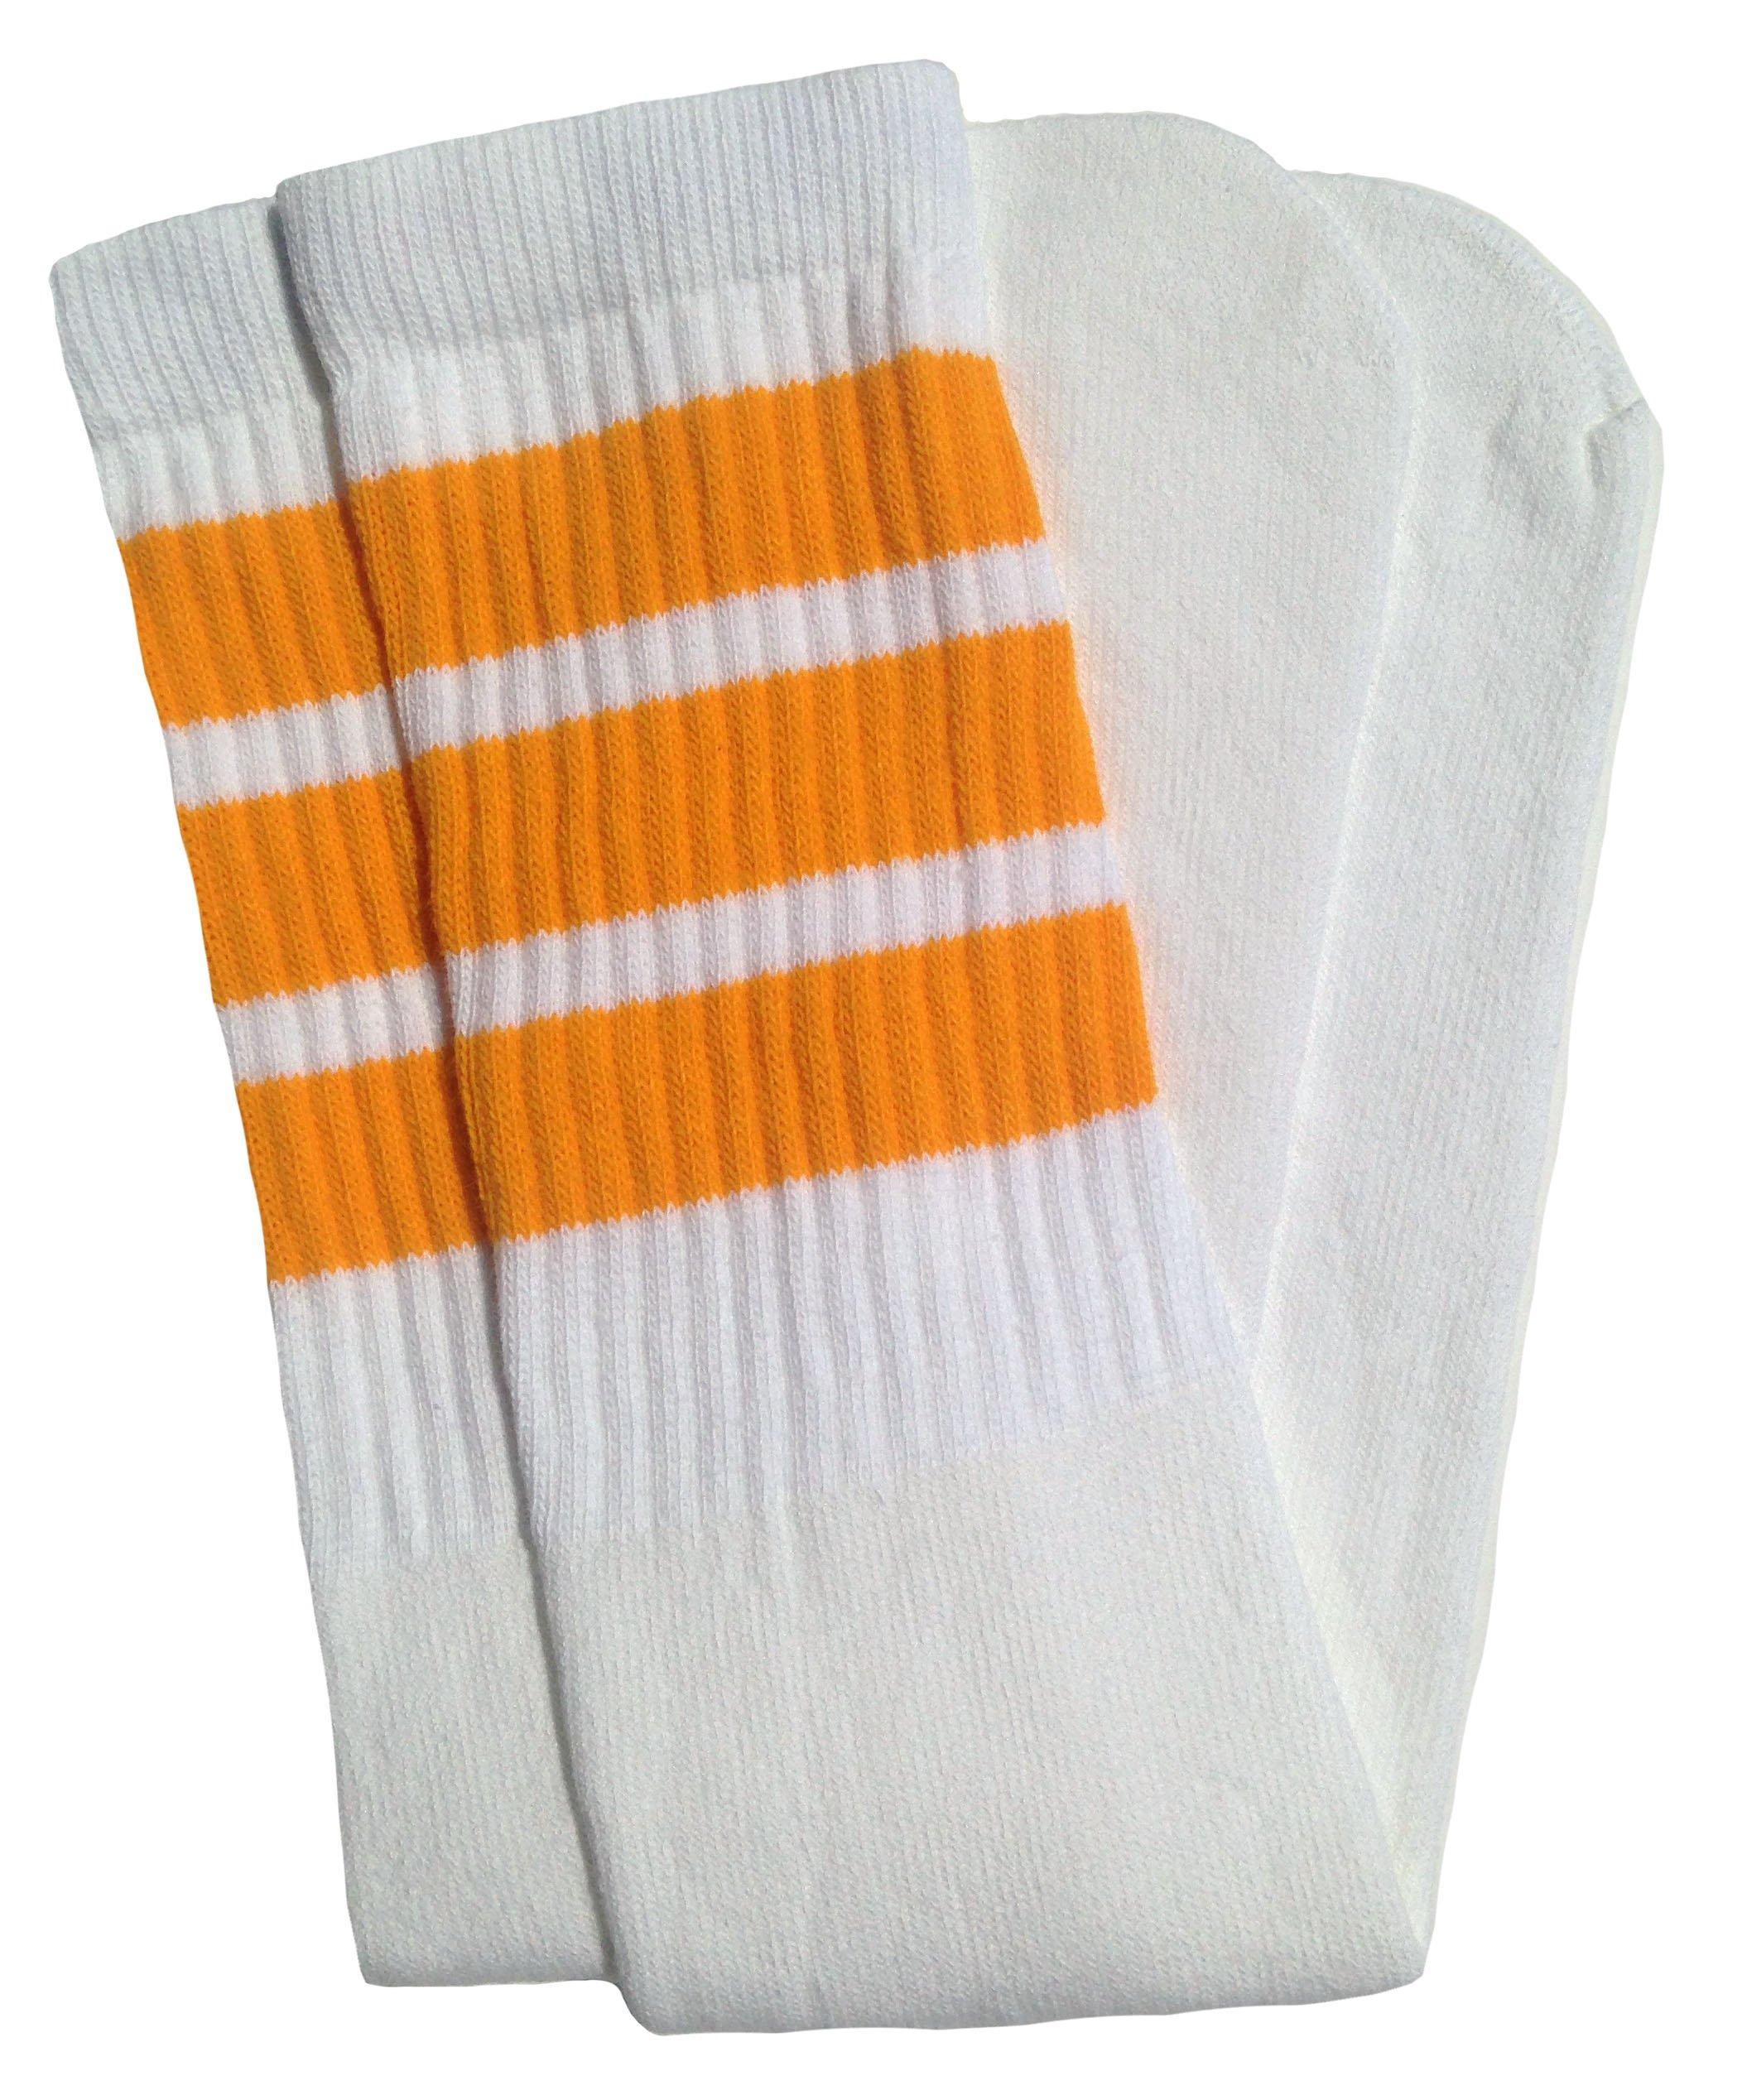 Skater Socks 19'' Mid calf White tube socks with Gold stripes style 1